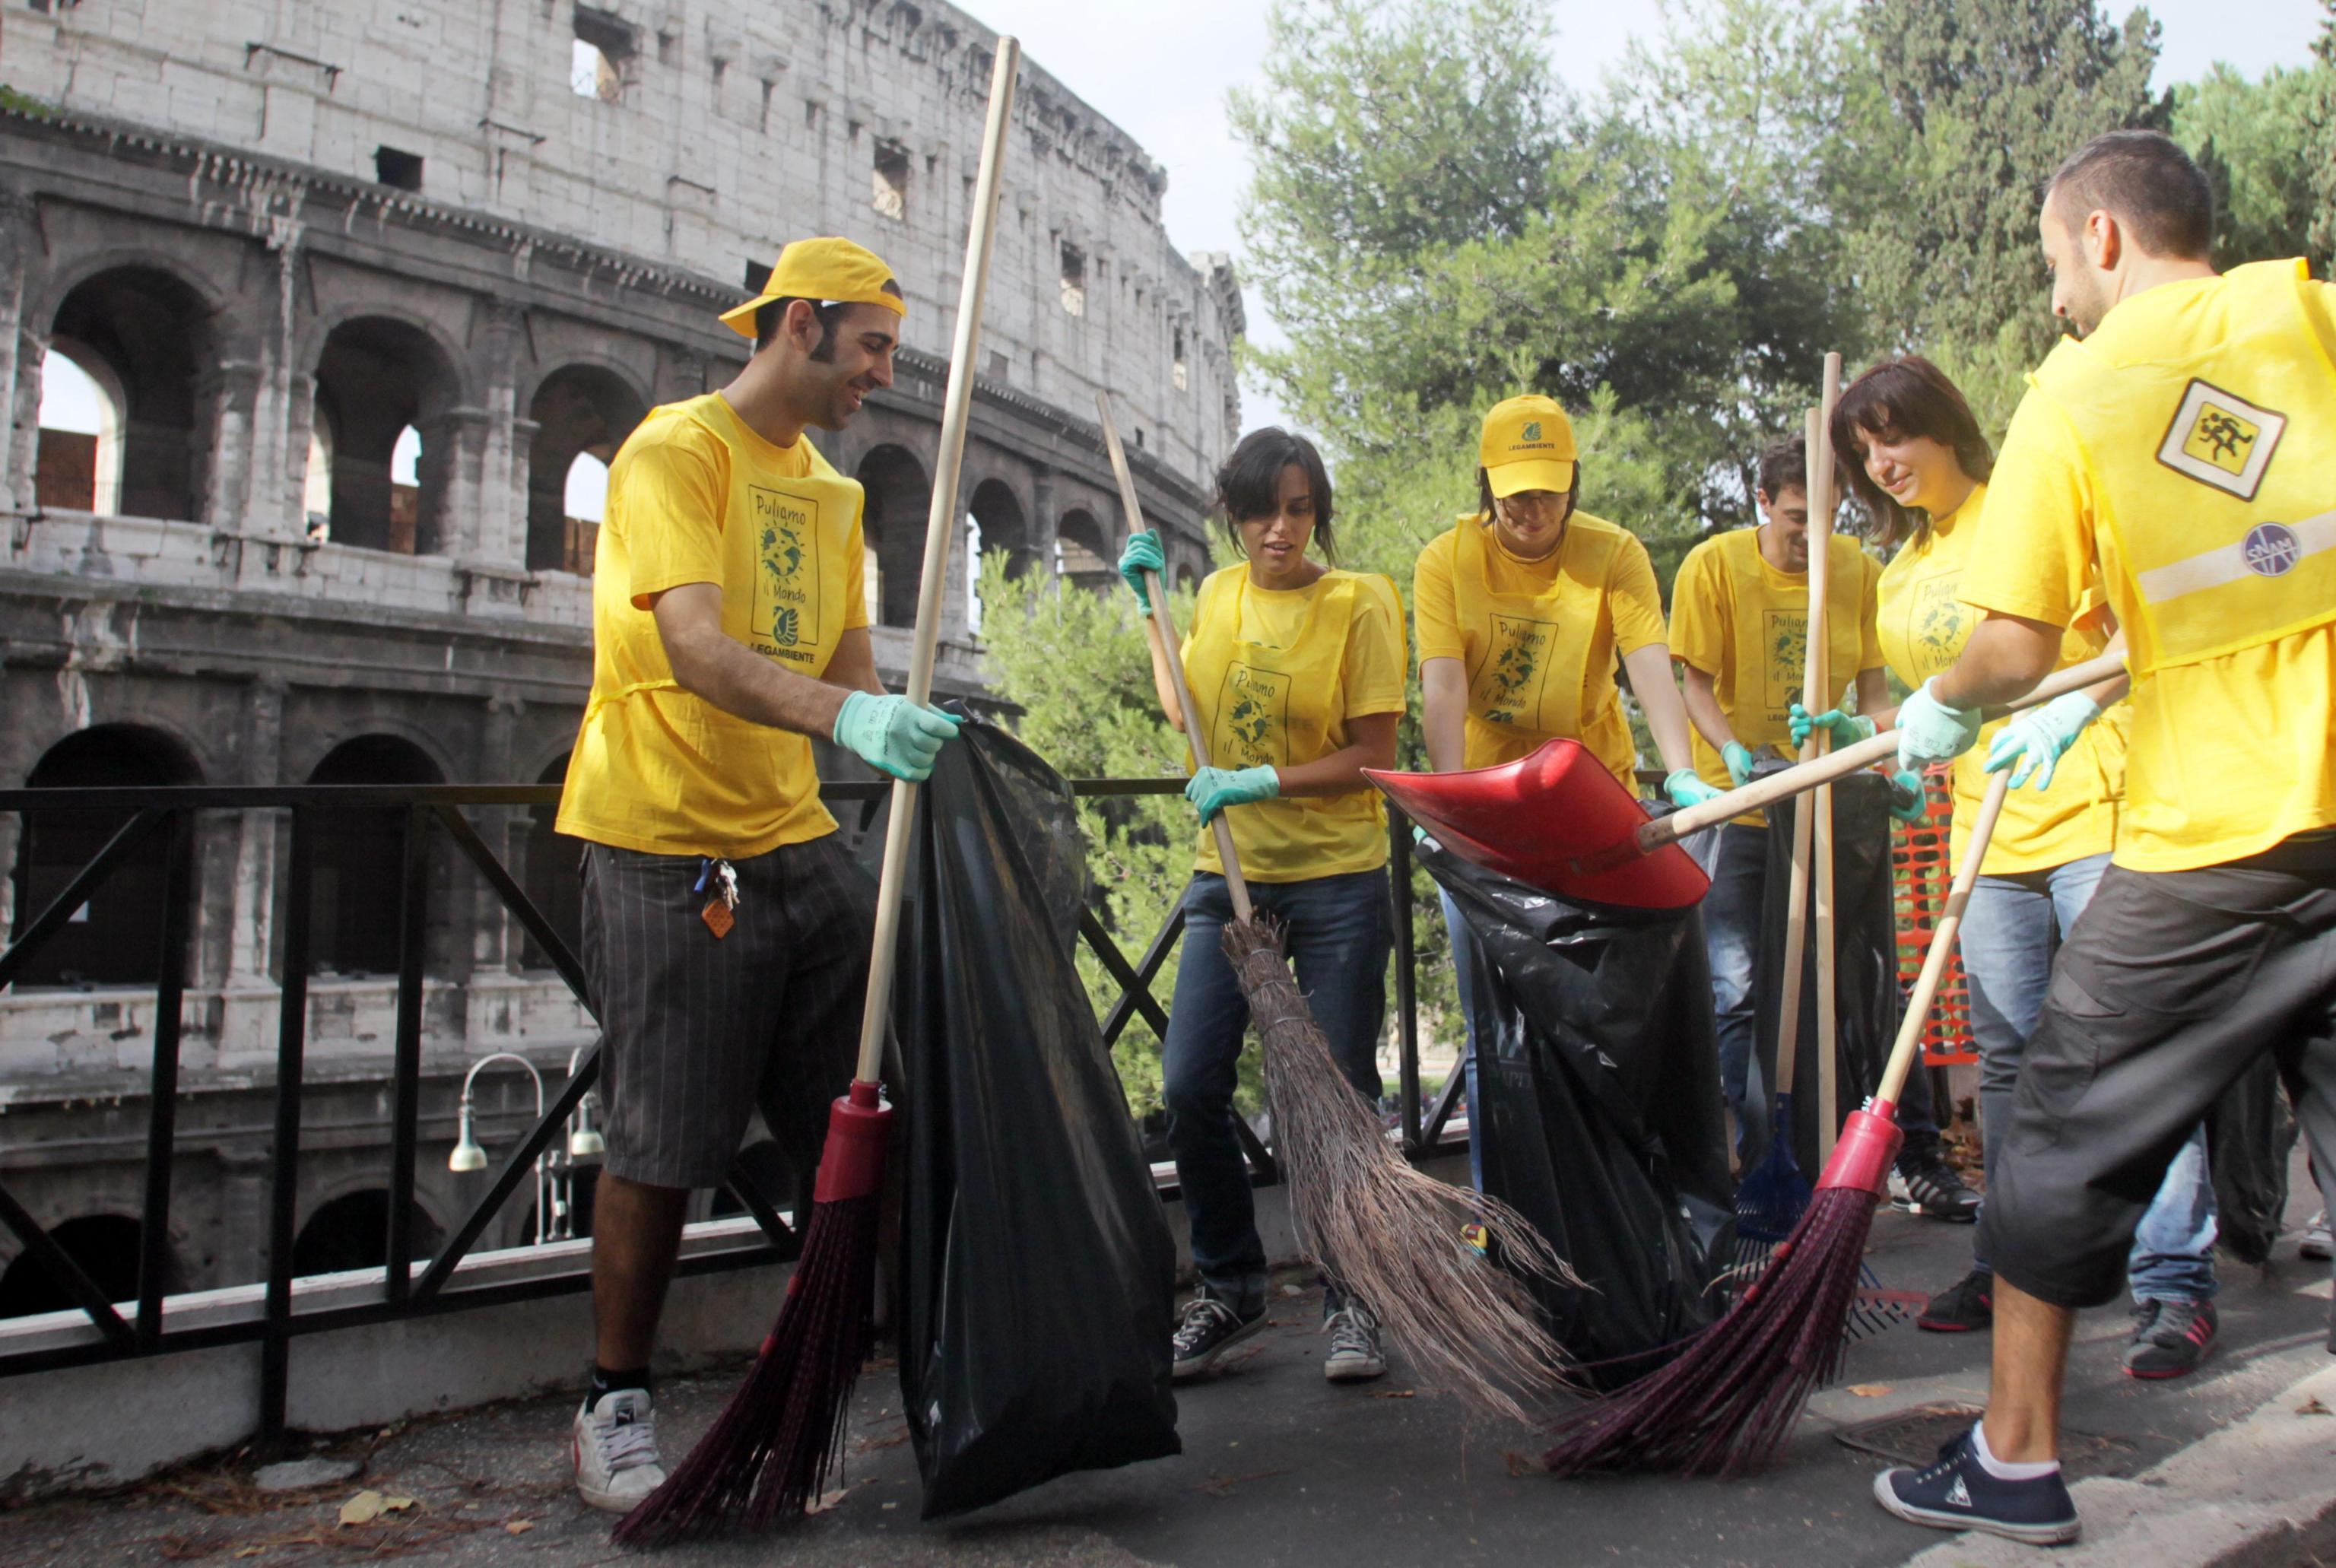 Puliamo il Mondo 2017: dal 22 al 24 settembre volontari in azione in tutta Italia